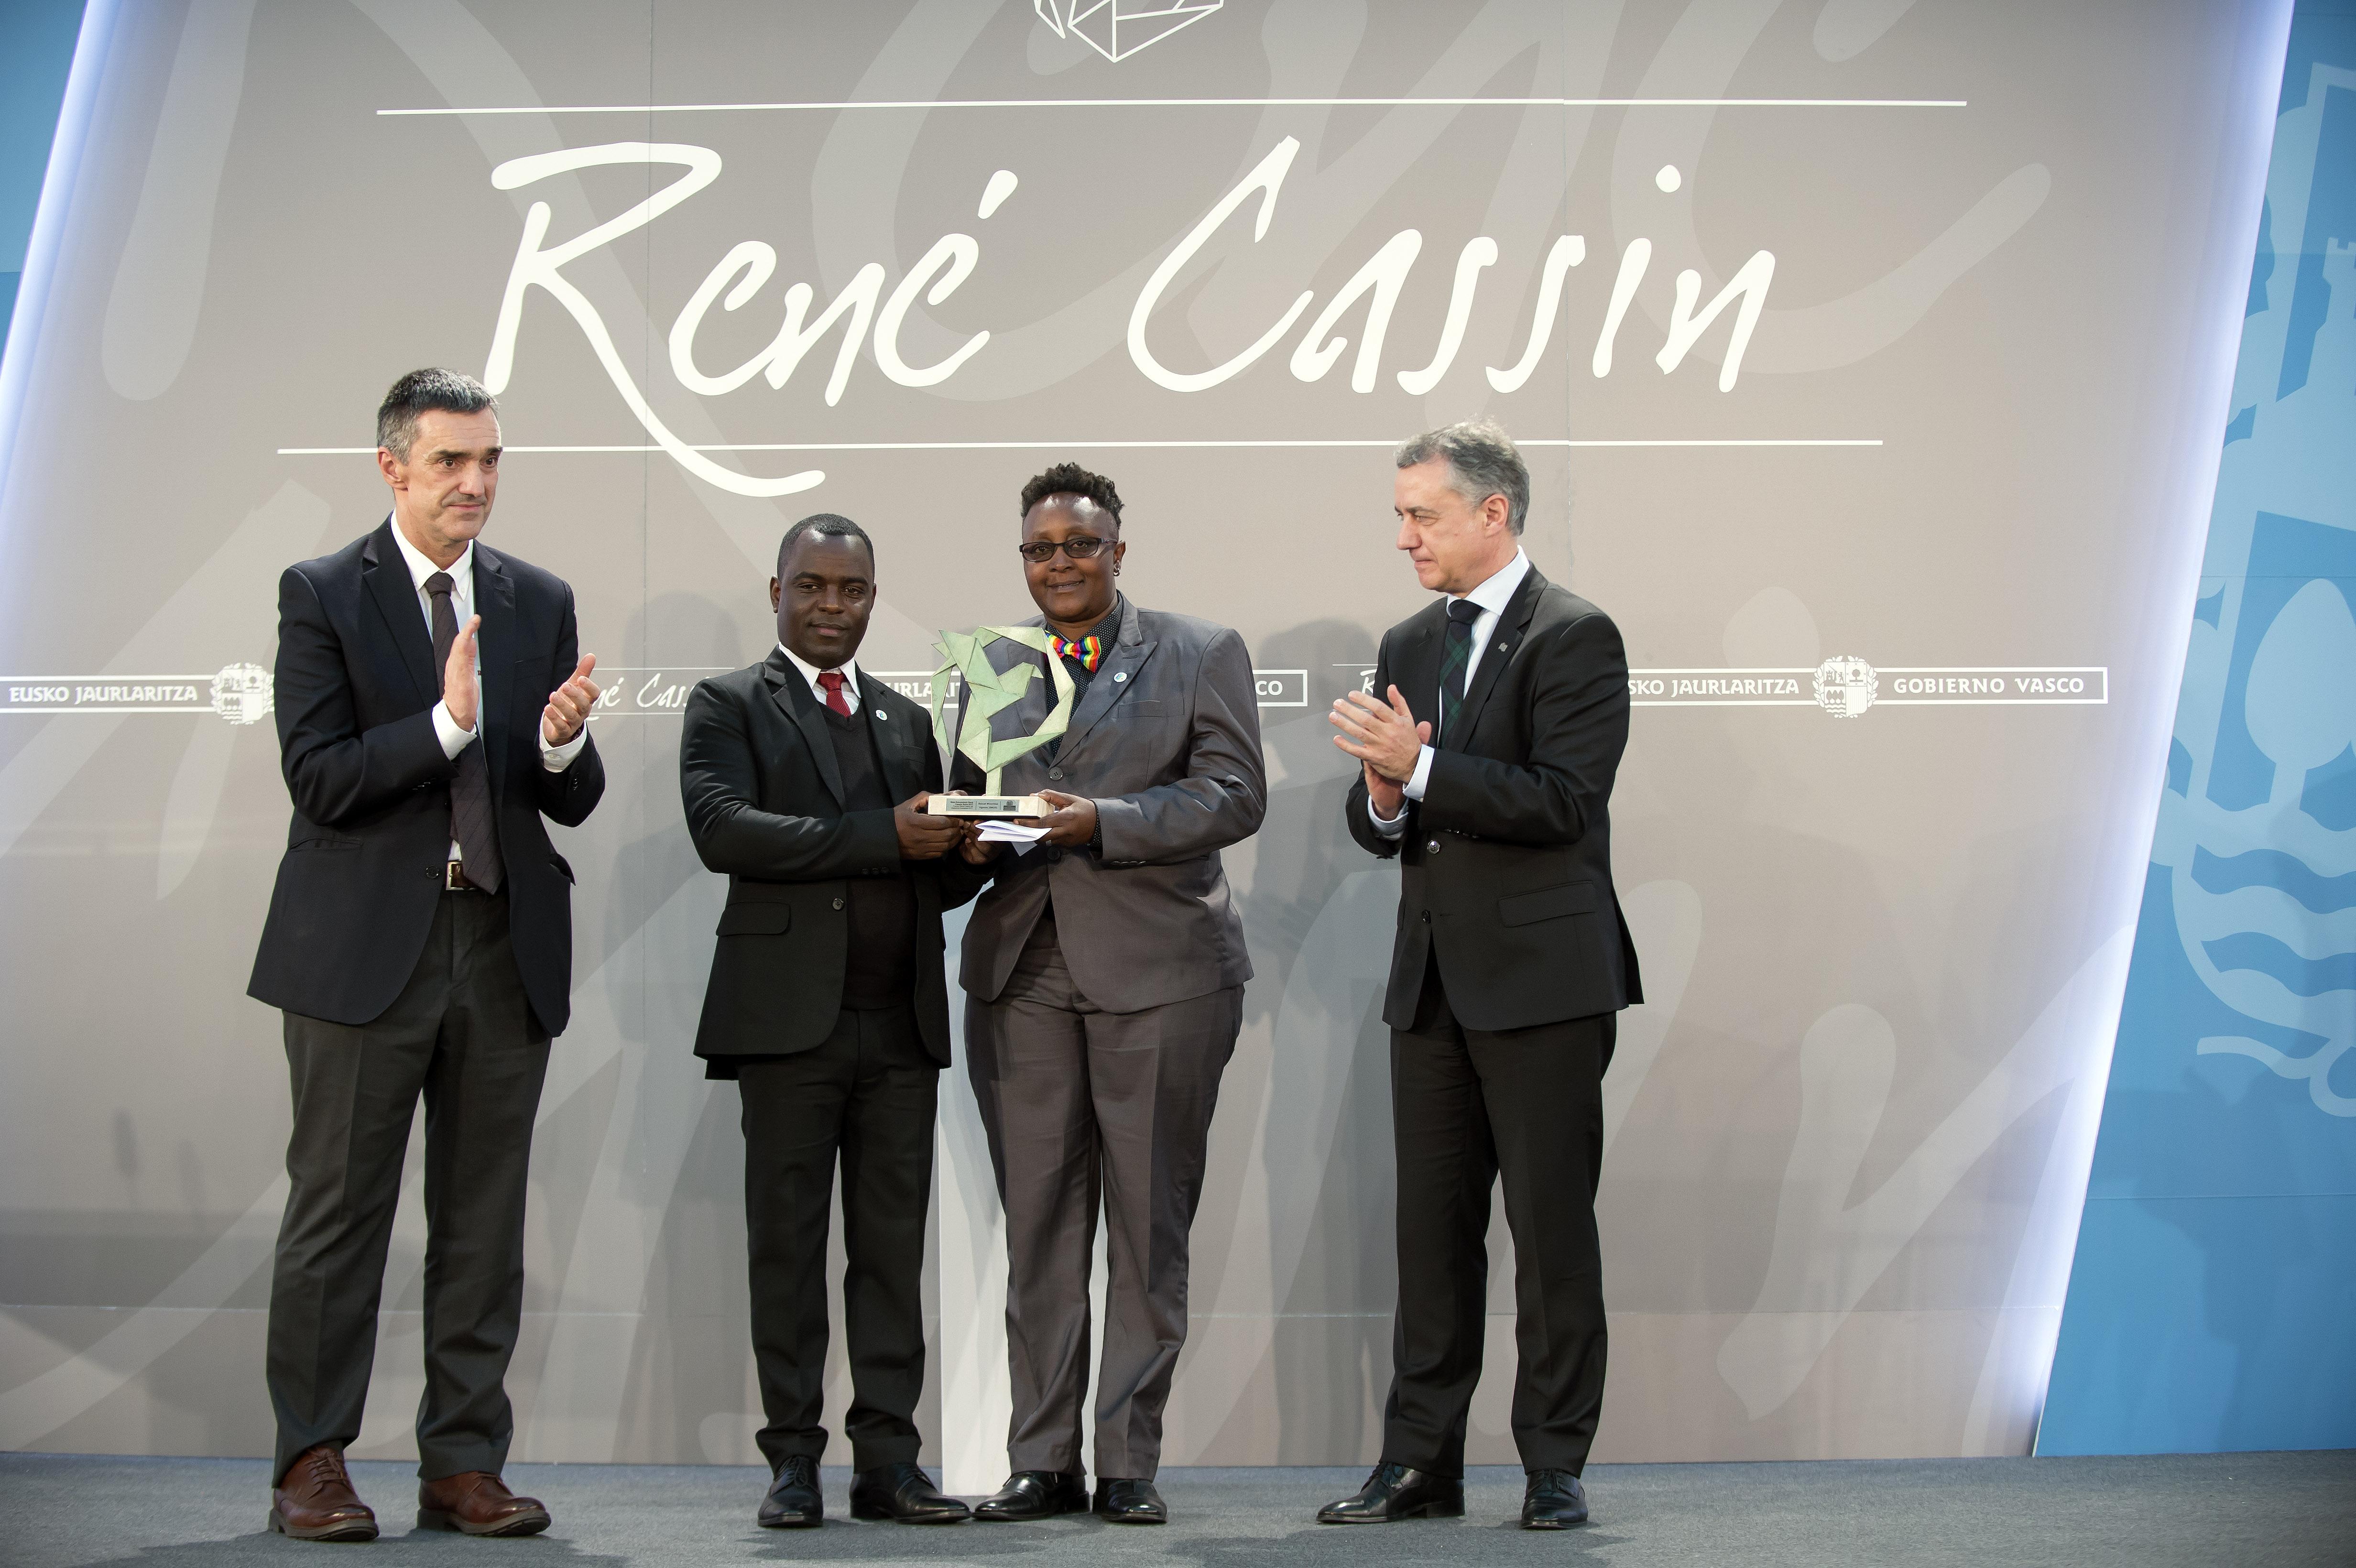 Sexual Minorities Uganda-ri eman dio Lehendakariak René Cassin 2017 saria